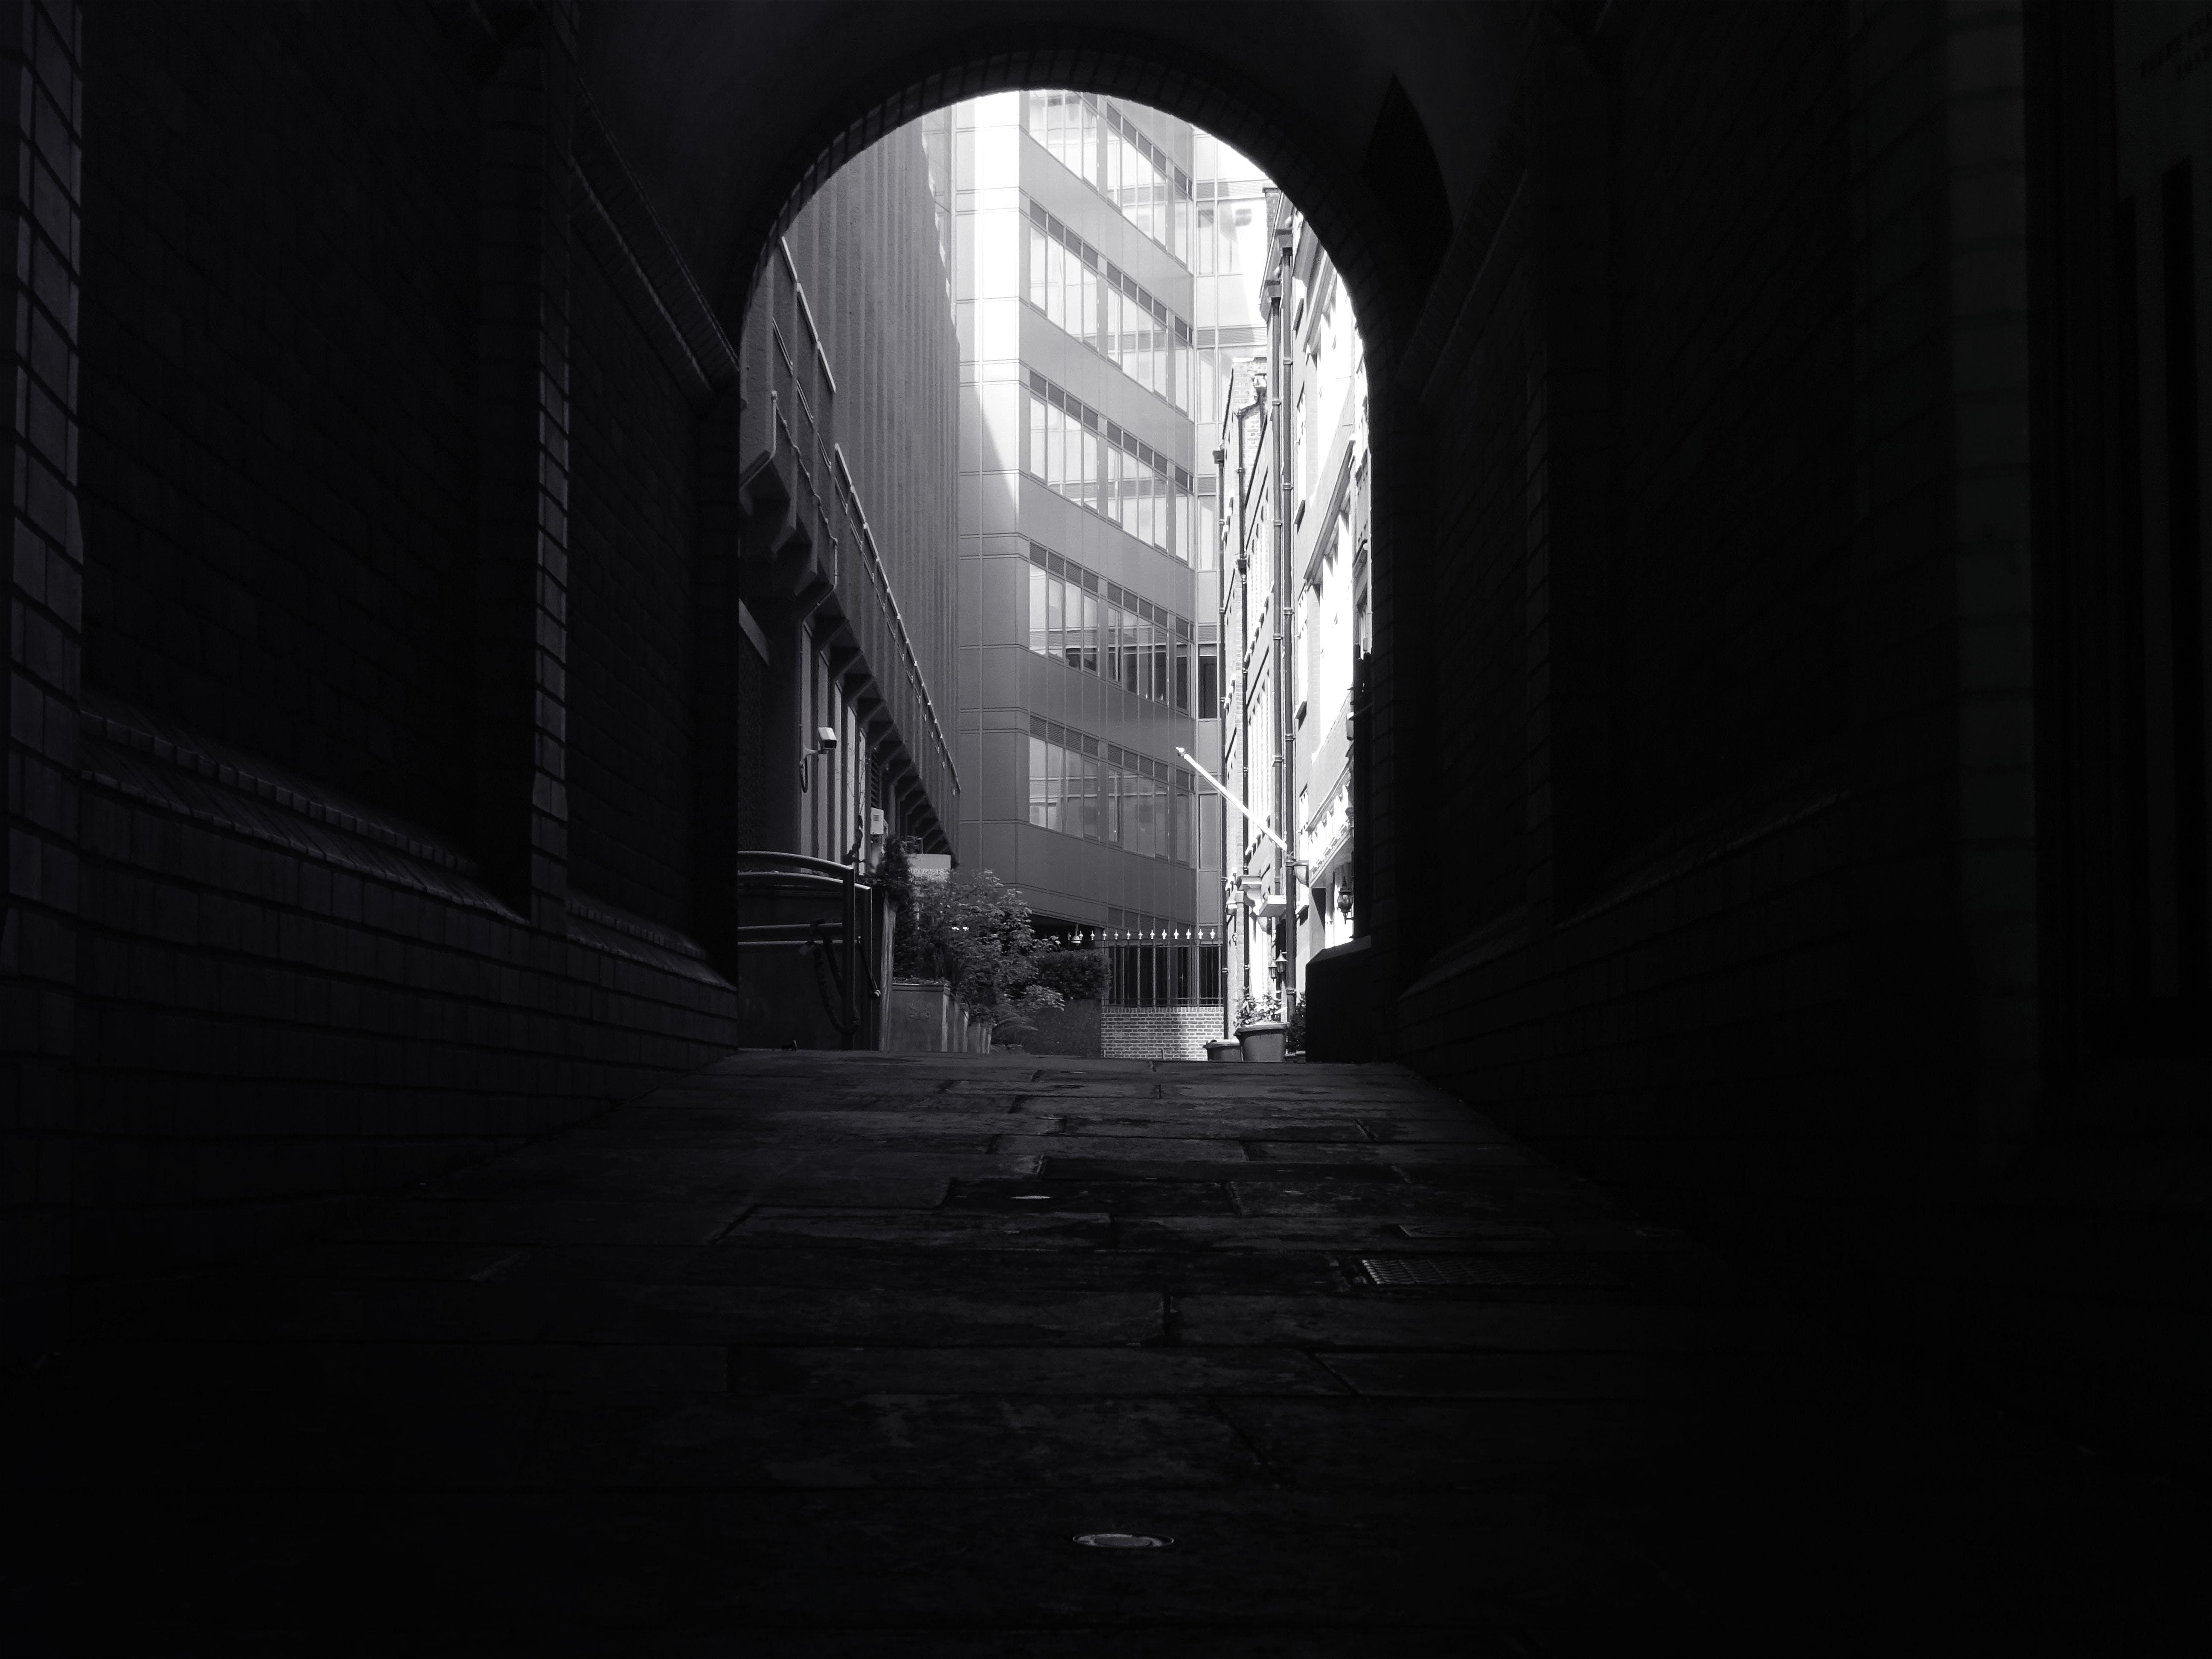 Δωρεάν στοκ φωτογραφιών με αρχιτεκτονική, ασπρόμαυρο, δρόμος, κτήριο